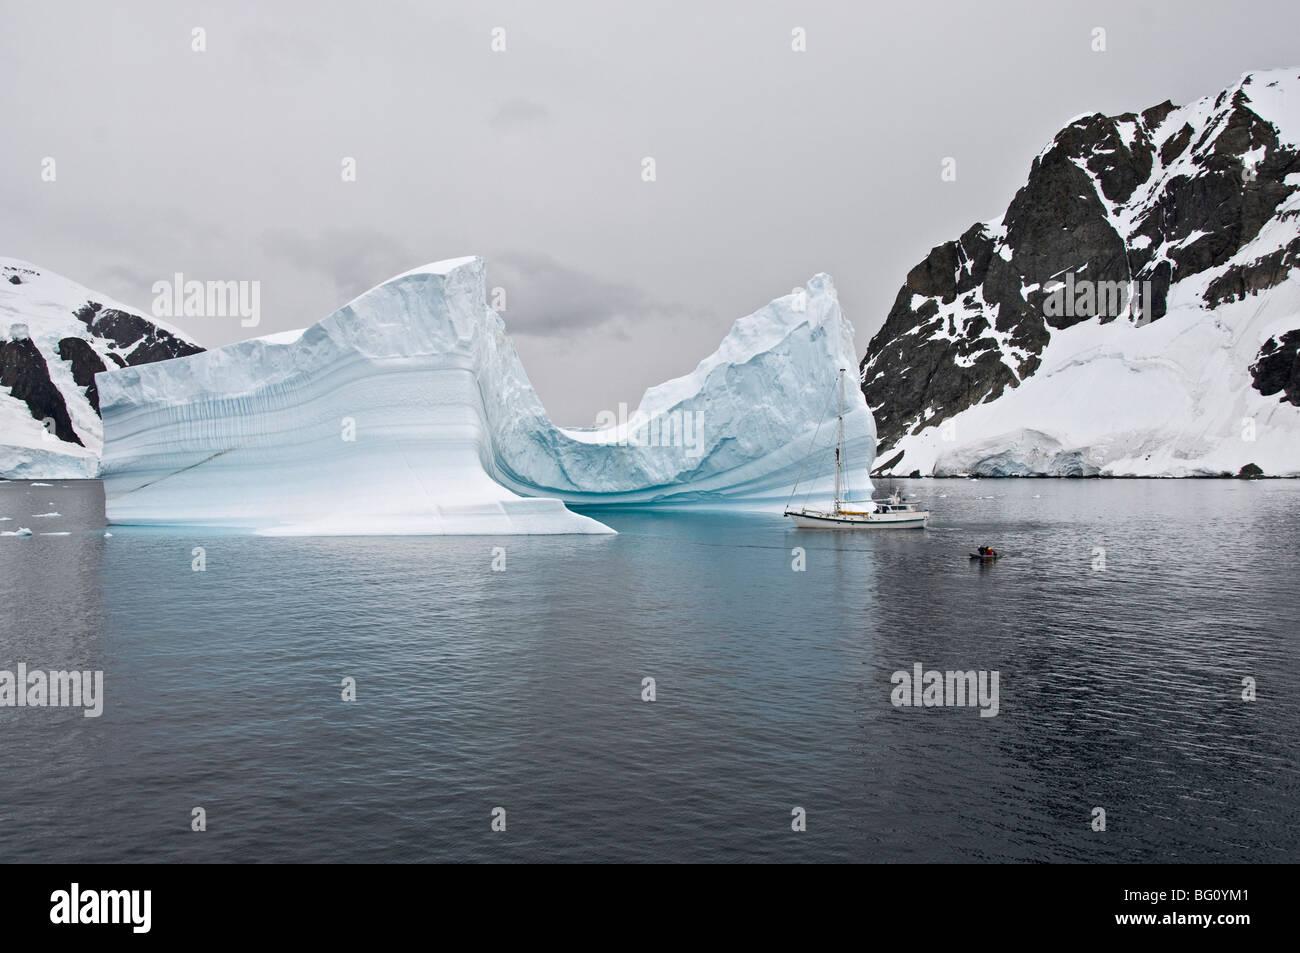 Yacht à voile et iceberg, Canal Errera, Péninsule Antarctique, l'Antarctique, régions polaires Photo Stock